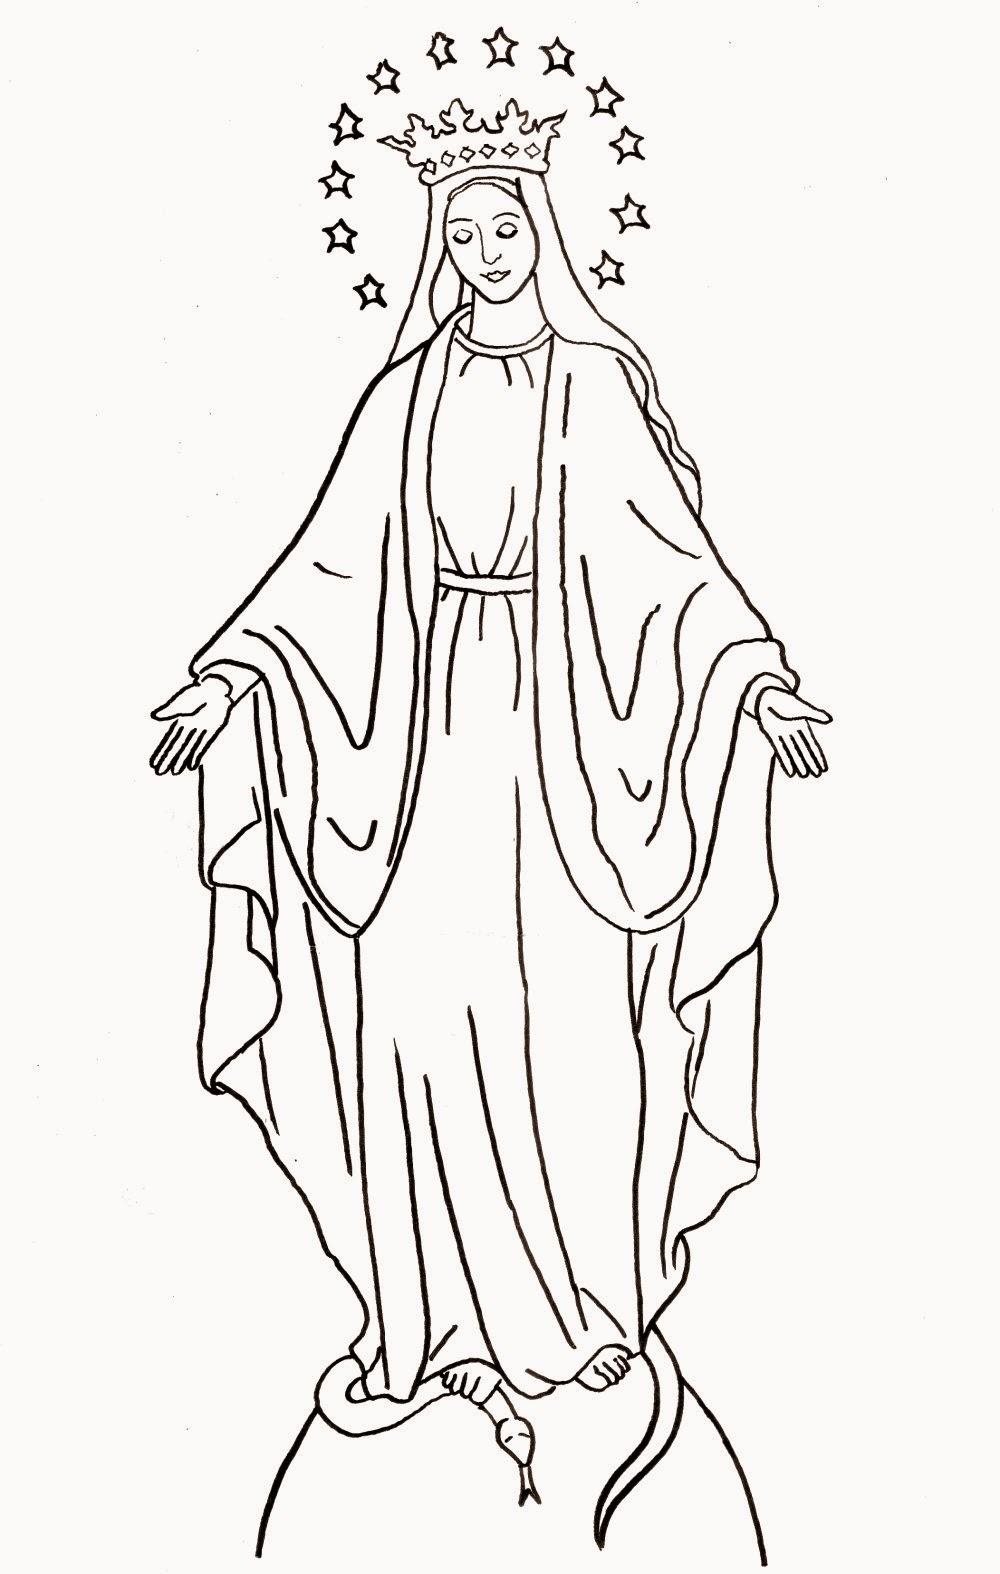 Disegni della madonna da stampare e colorare for Disegni miraculous da colorare